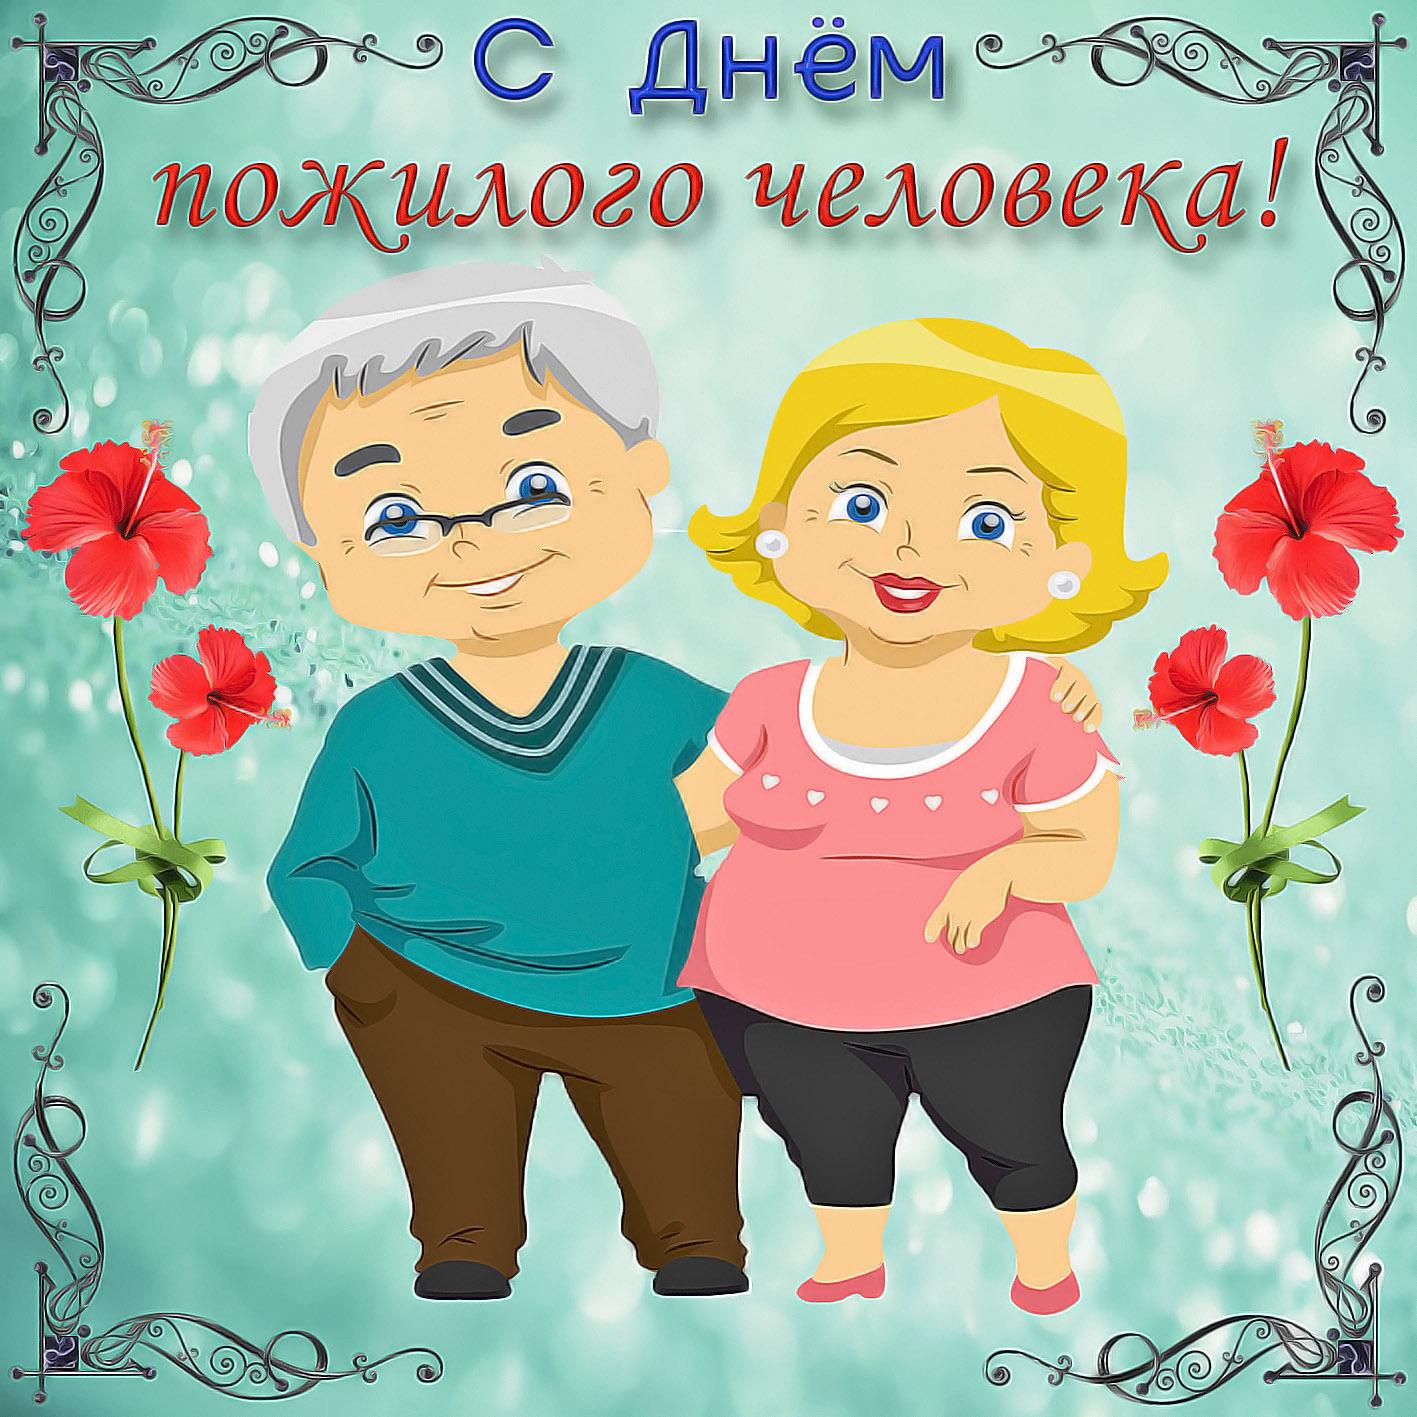 Поздравляем с днем пожилых людей картинки